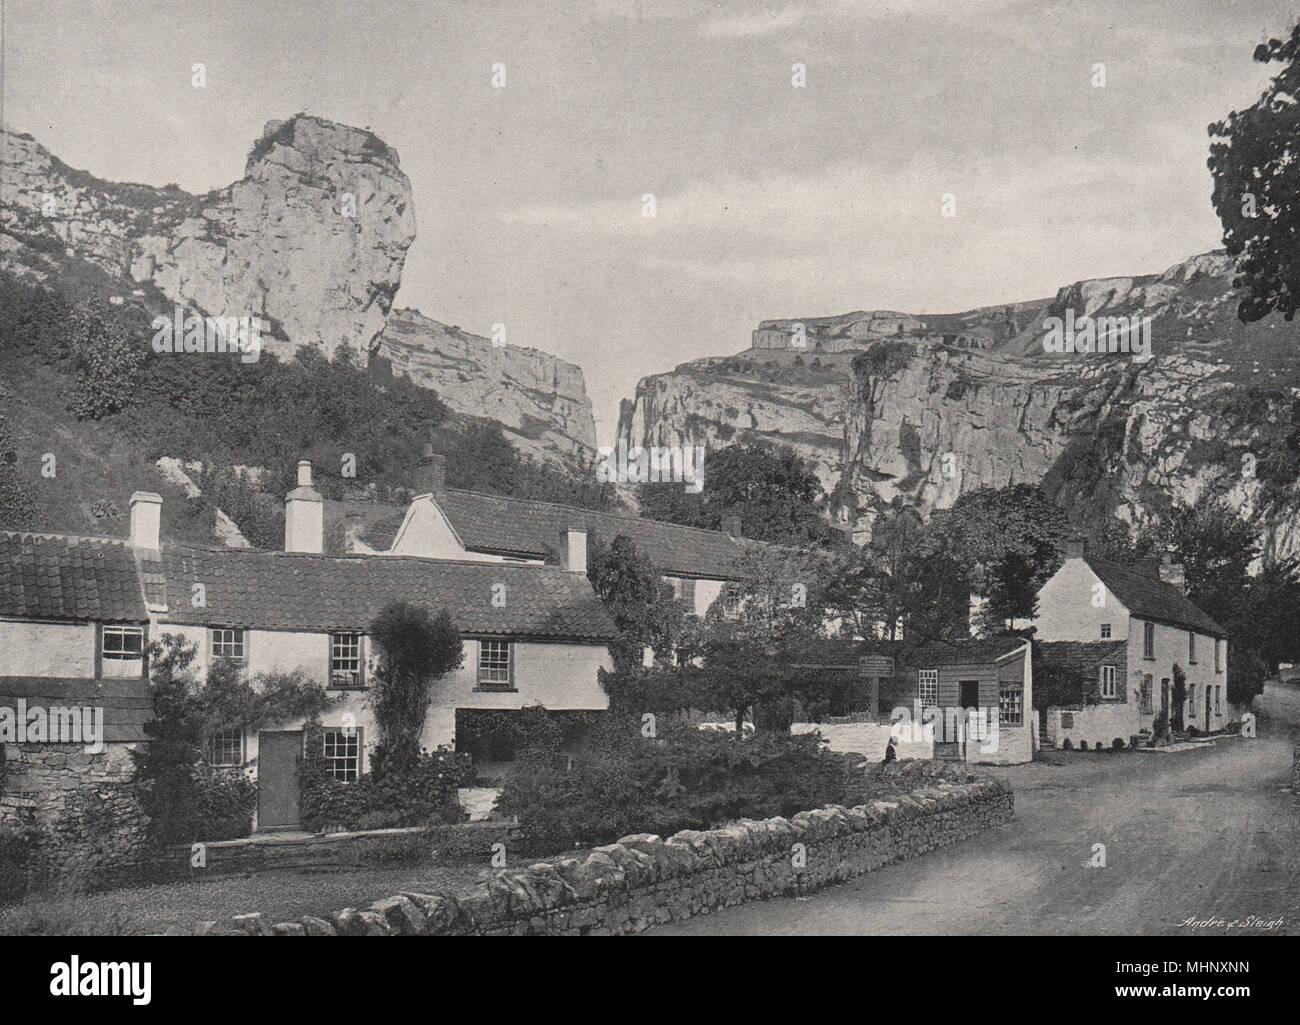 SOMT High rocks at Cheddar 1898 old antique vintage print picture